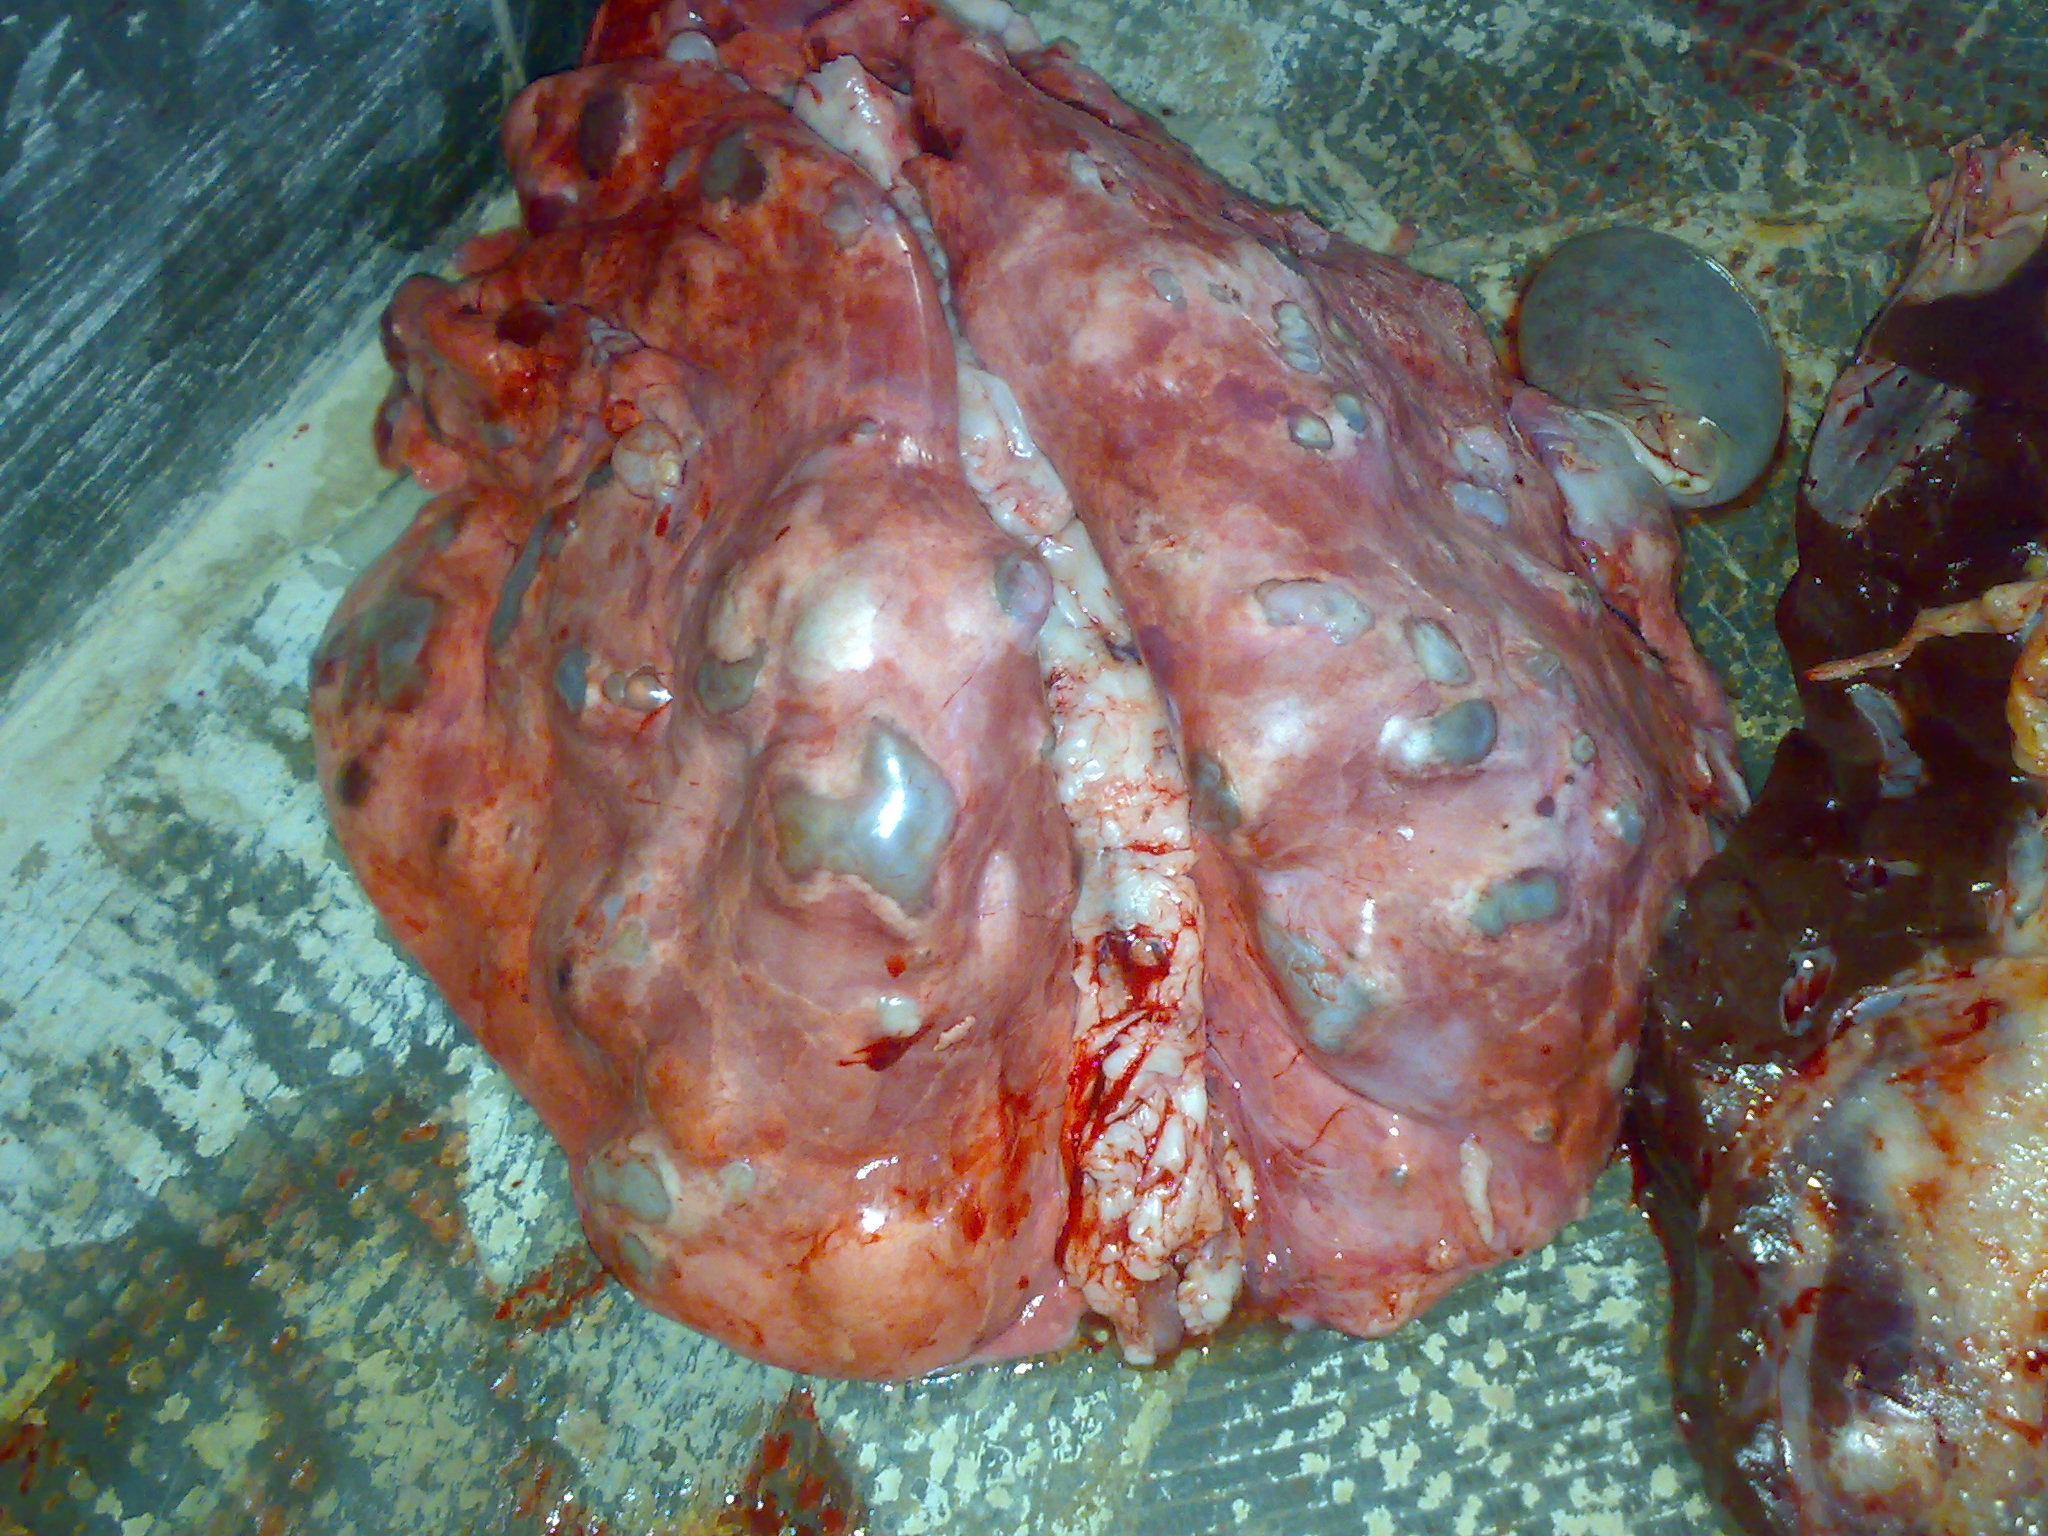 خوردن سر انسان ها توسط  بیماری کیست هیداتید « کلینیک دامپزشکی دکتر وت